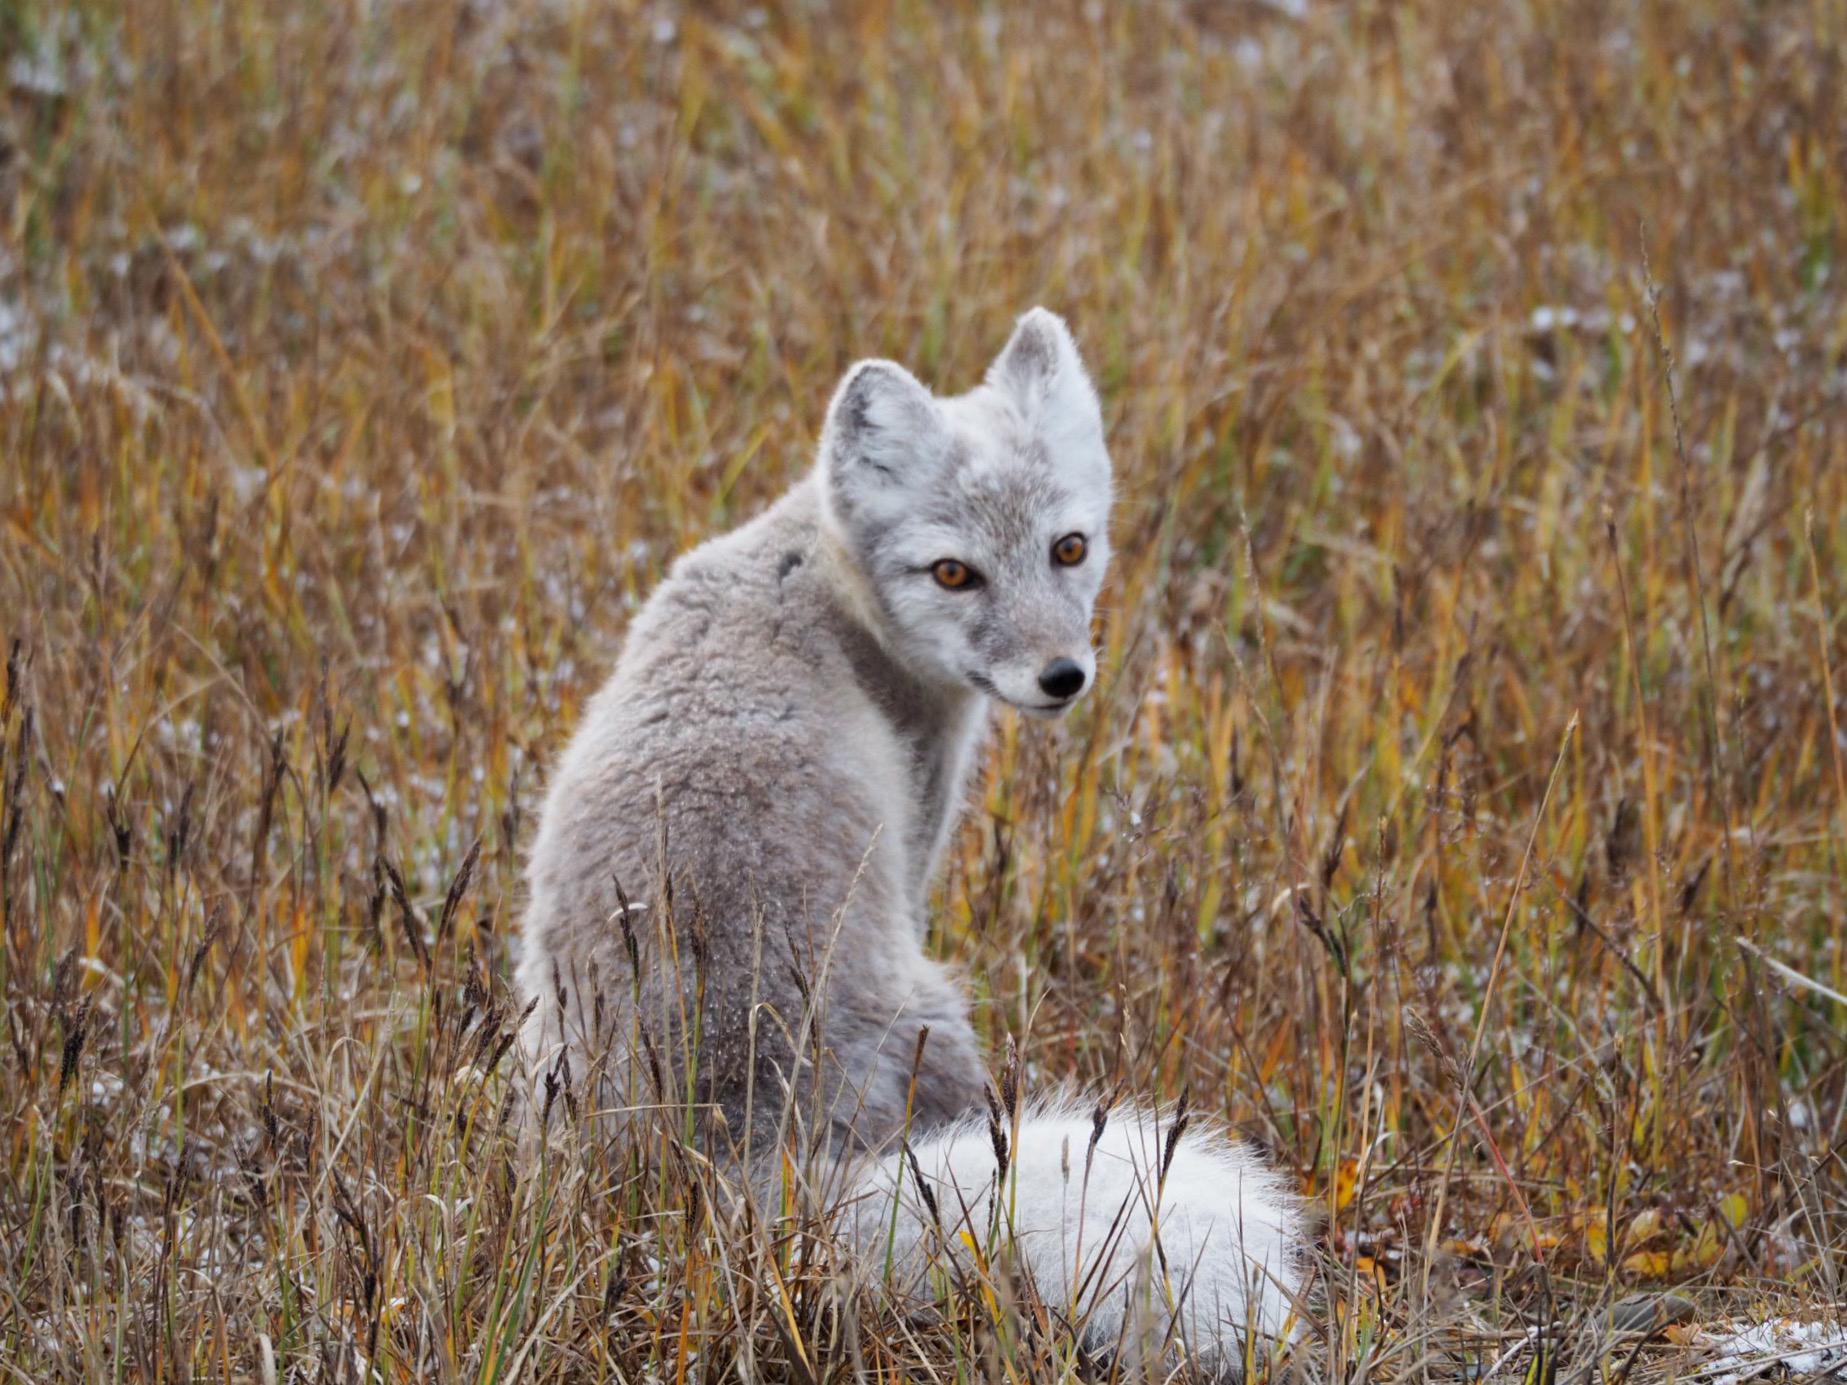 Arctic Fox in Summer Pelage